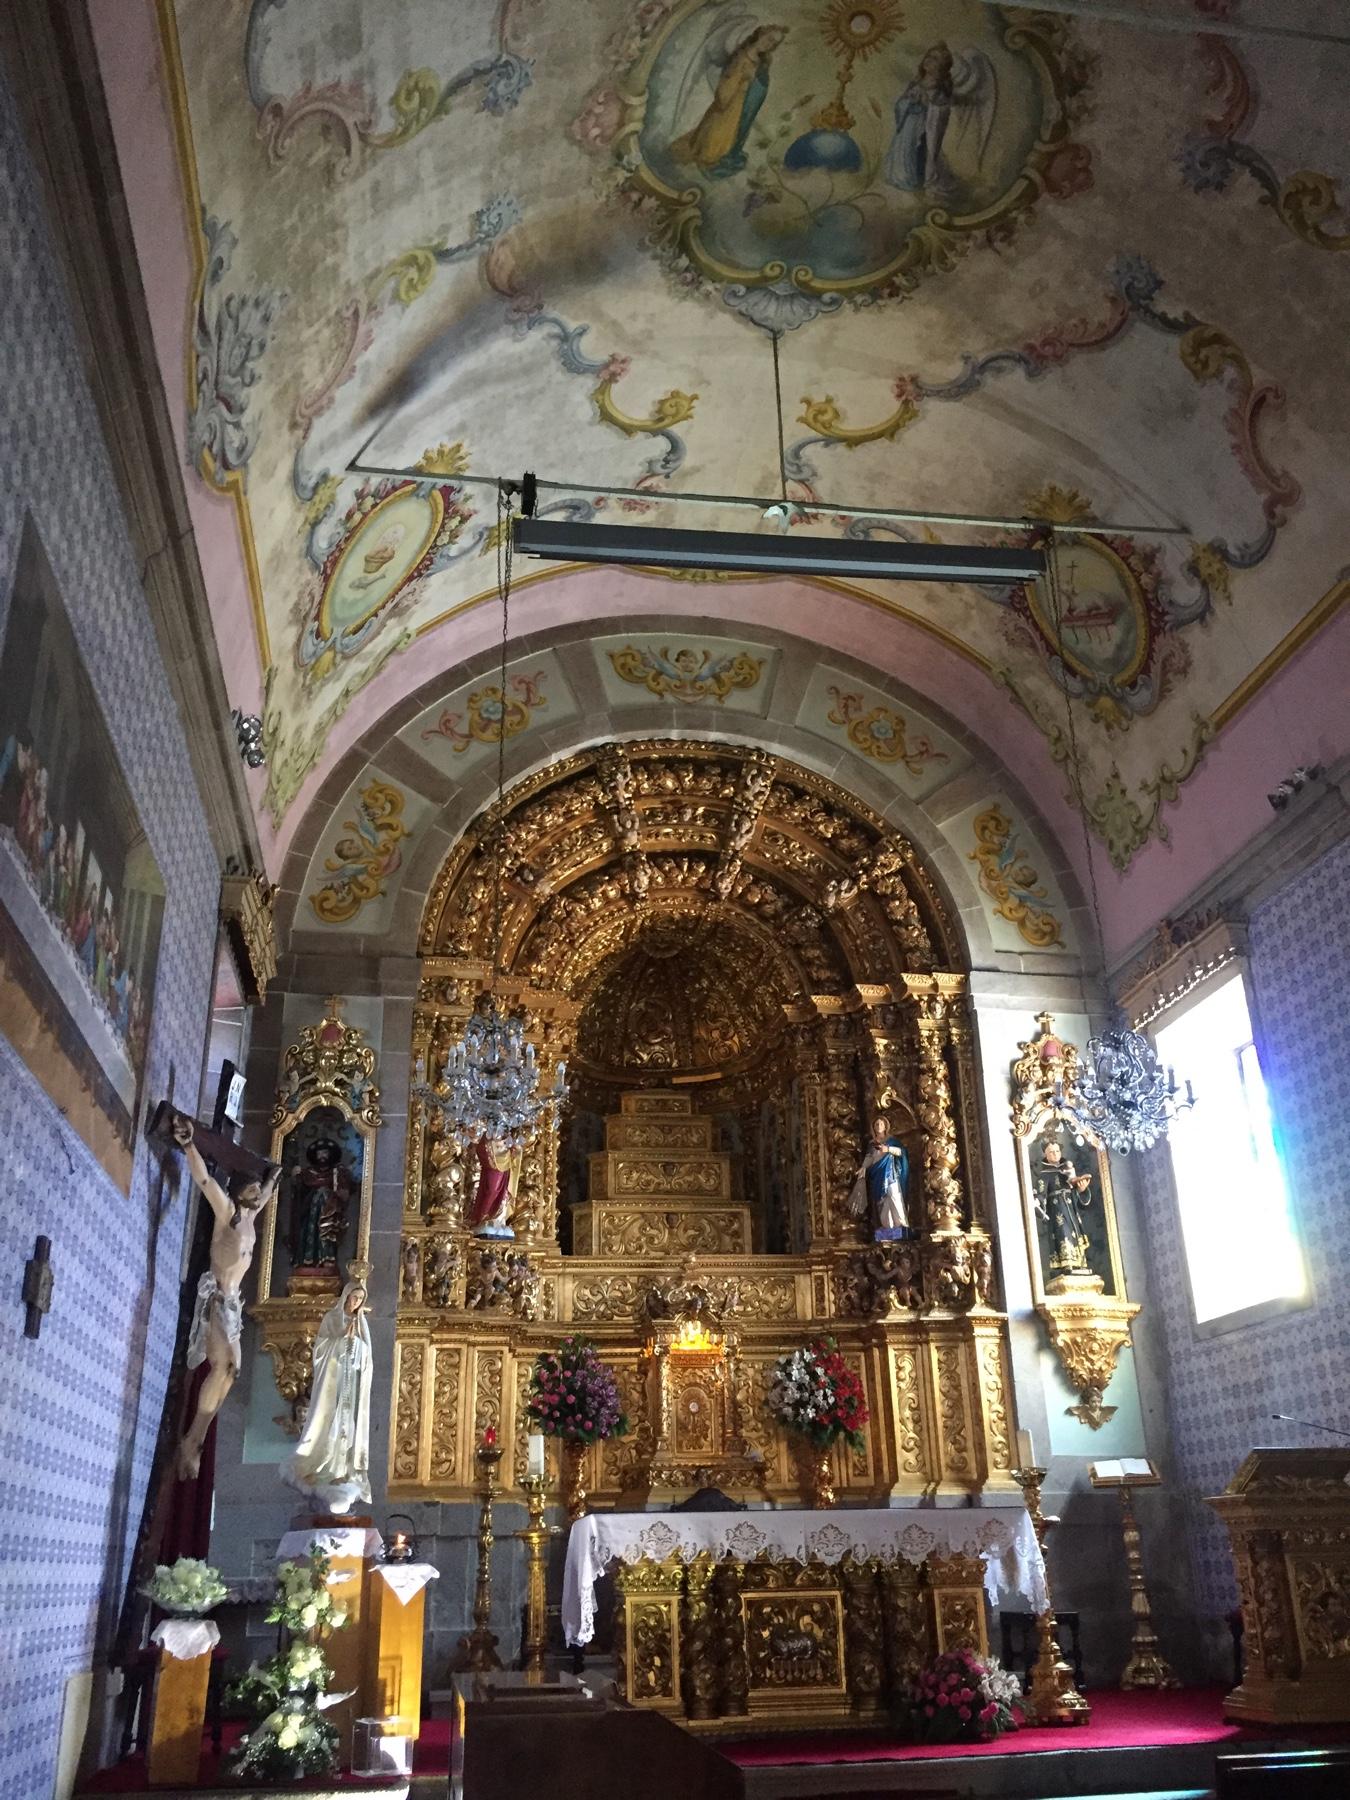 Üppig dekorierte Kirche in Anha auf dem Weg nach Viana do Castelo